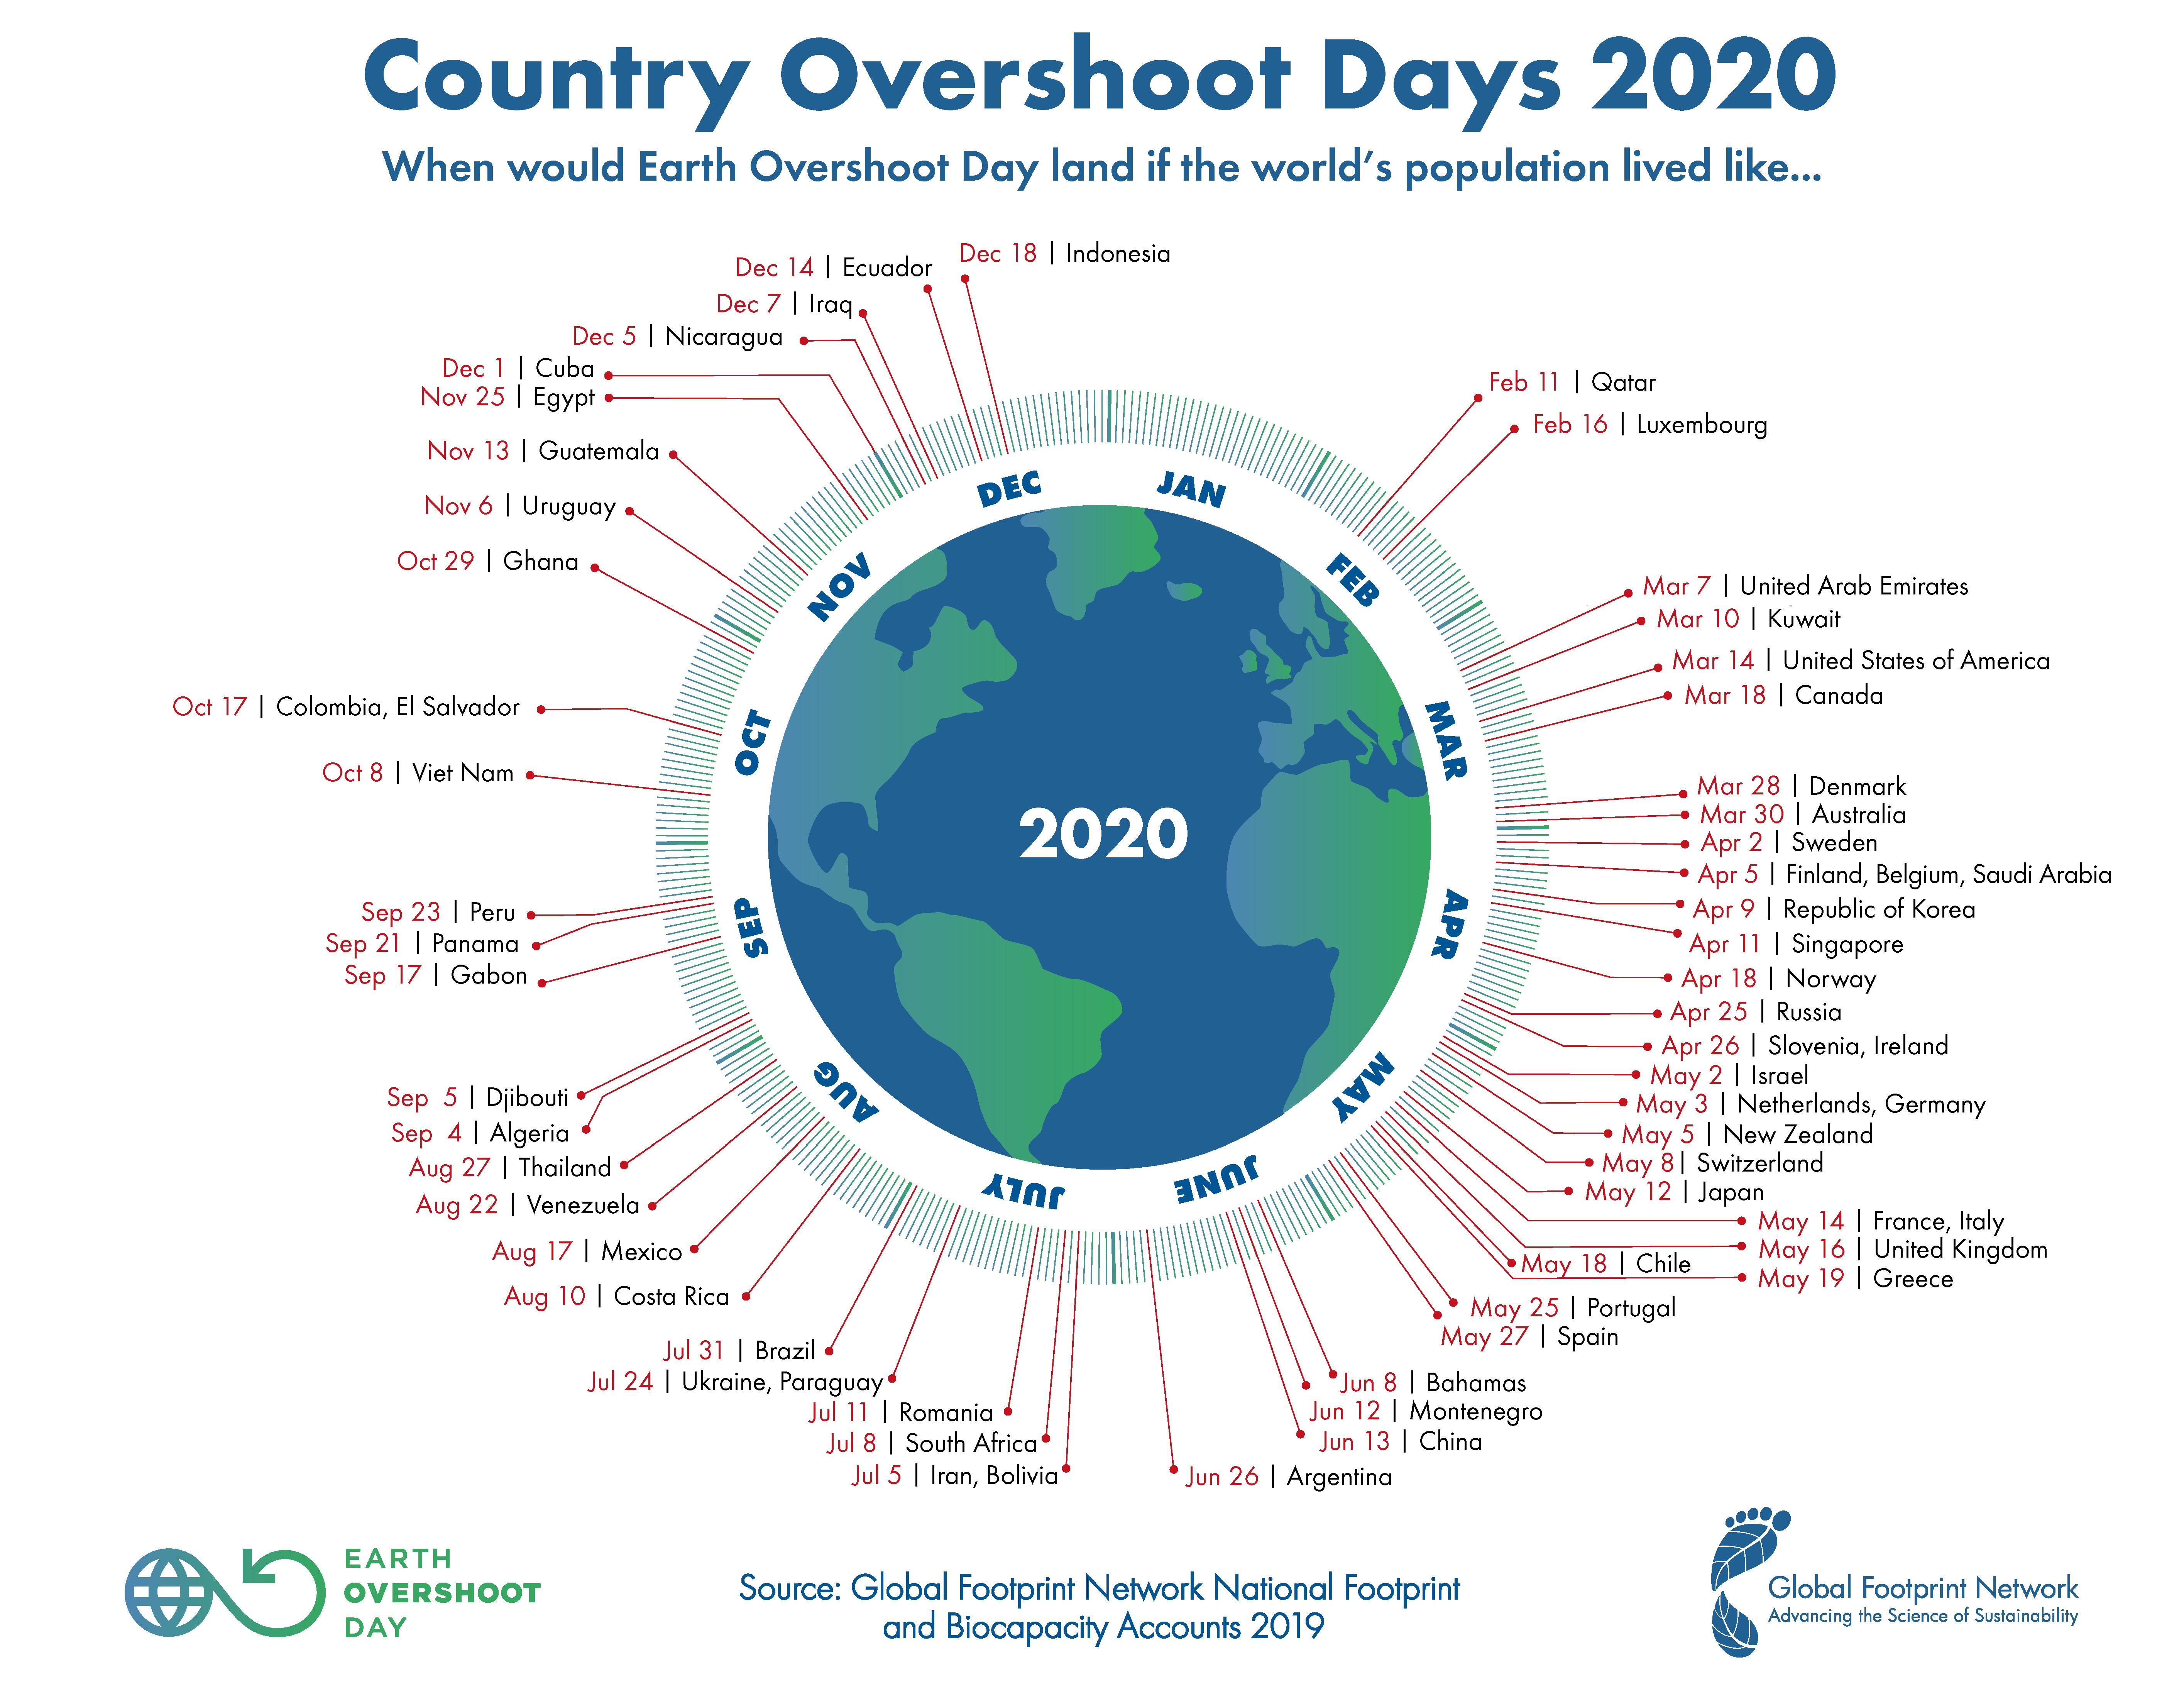 Country Overshoot Day: Würde die gesamte Menschheit wie die Menschen in einem bestimmten Land konsumieren, würde der Erdüberlastungstag auf dieses Datum fallen.